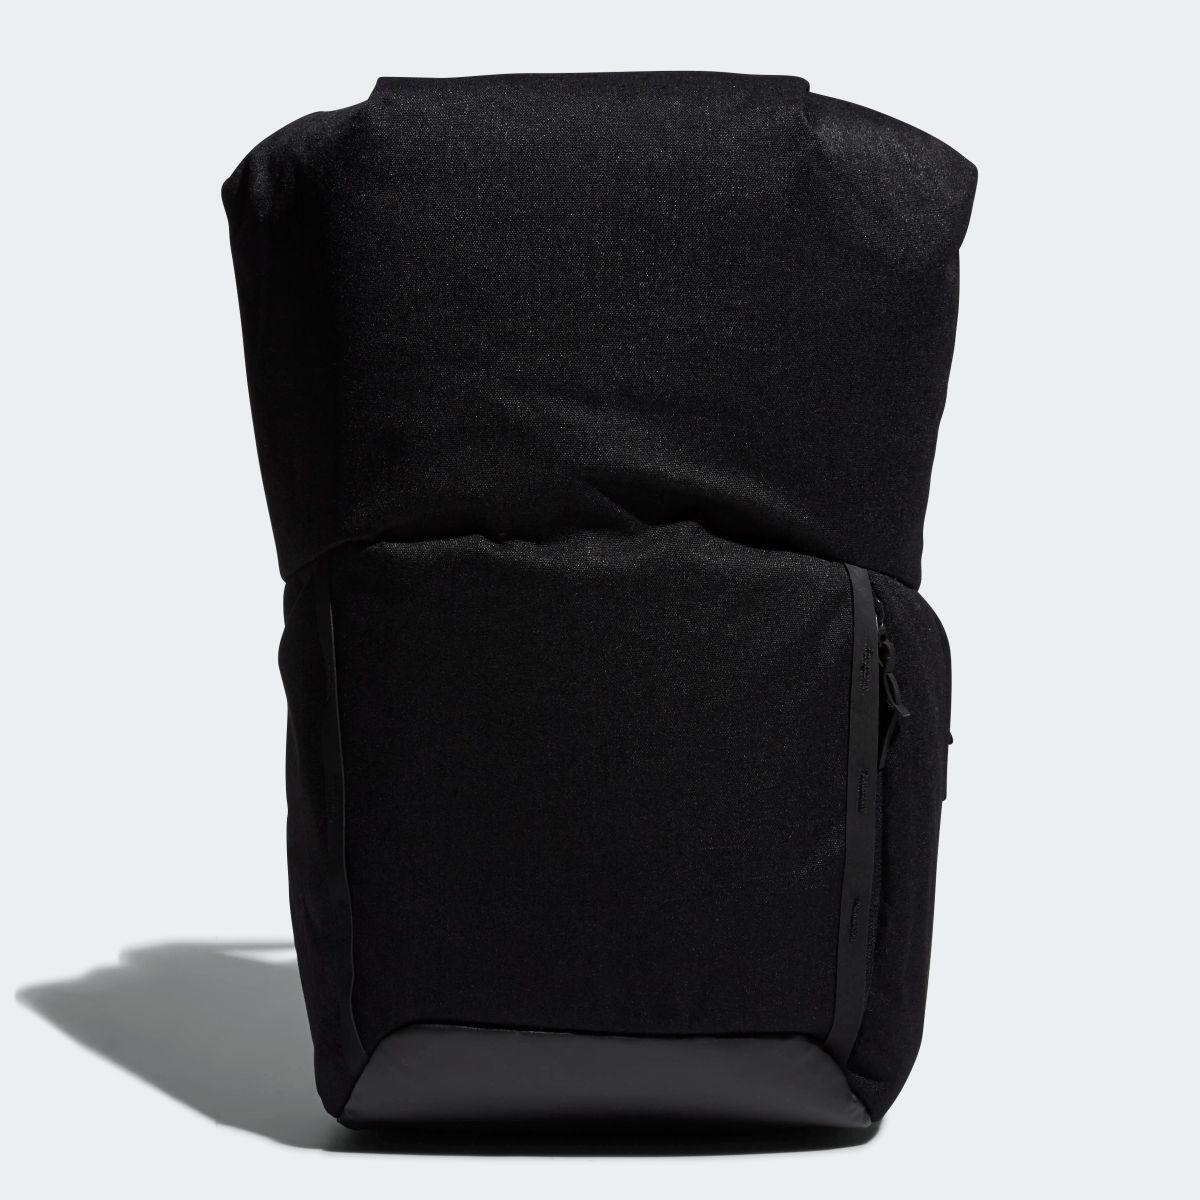 【公式】アディダス adidas バックパック /リュック/ZNEシリーズ レディース メンズ DM8732 ジム・トレーニング アクセサリー ポリエステル プレーンウィーブ